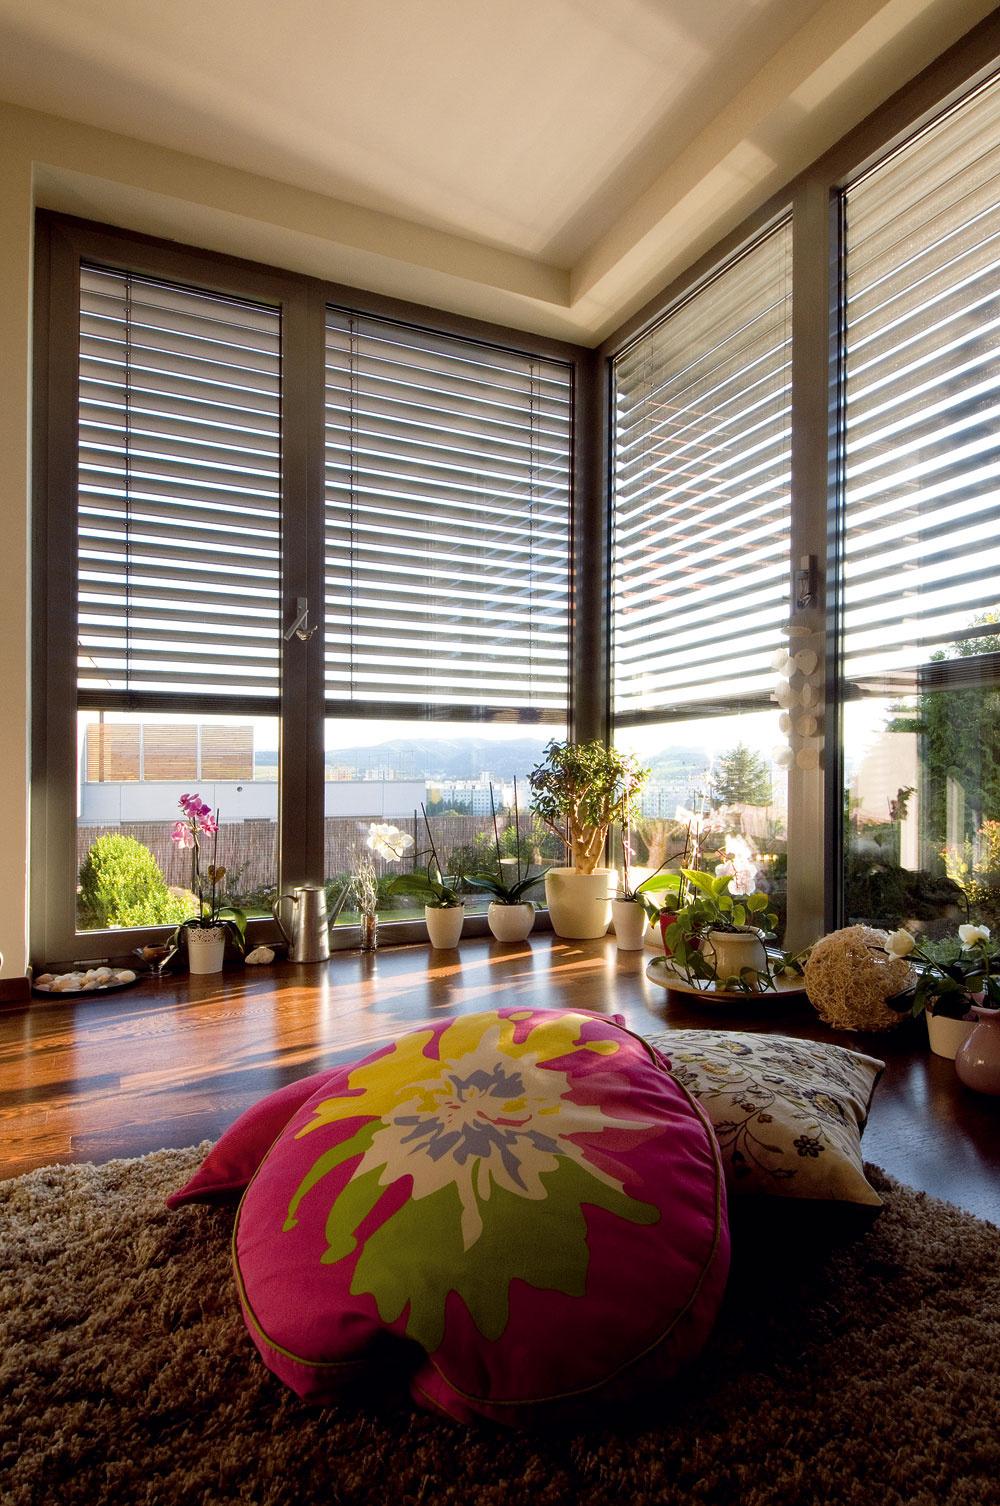 """Zatiaľ provizórne zariadená hosťovská izba je """"územím"""" domácej panej anajmladšej dcéry. Vďaka svetlu prenikajúcemu cez francúzske okná sa tu vynikajúco darí orchideám."""